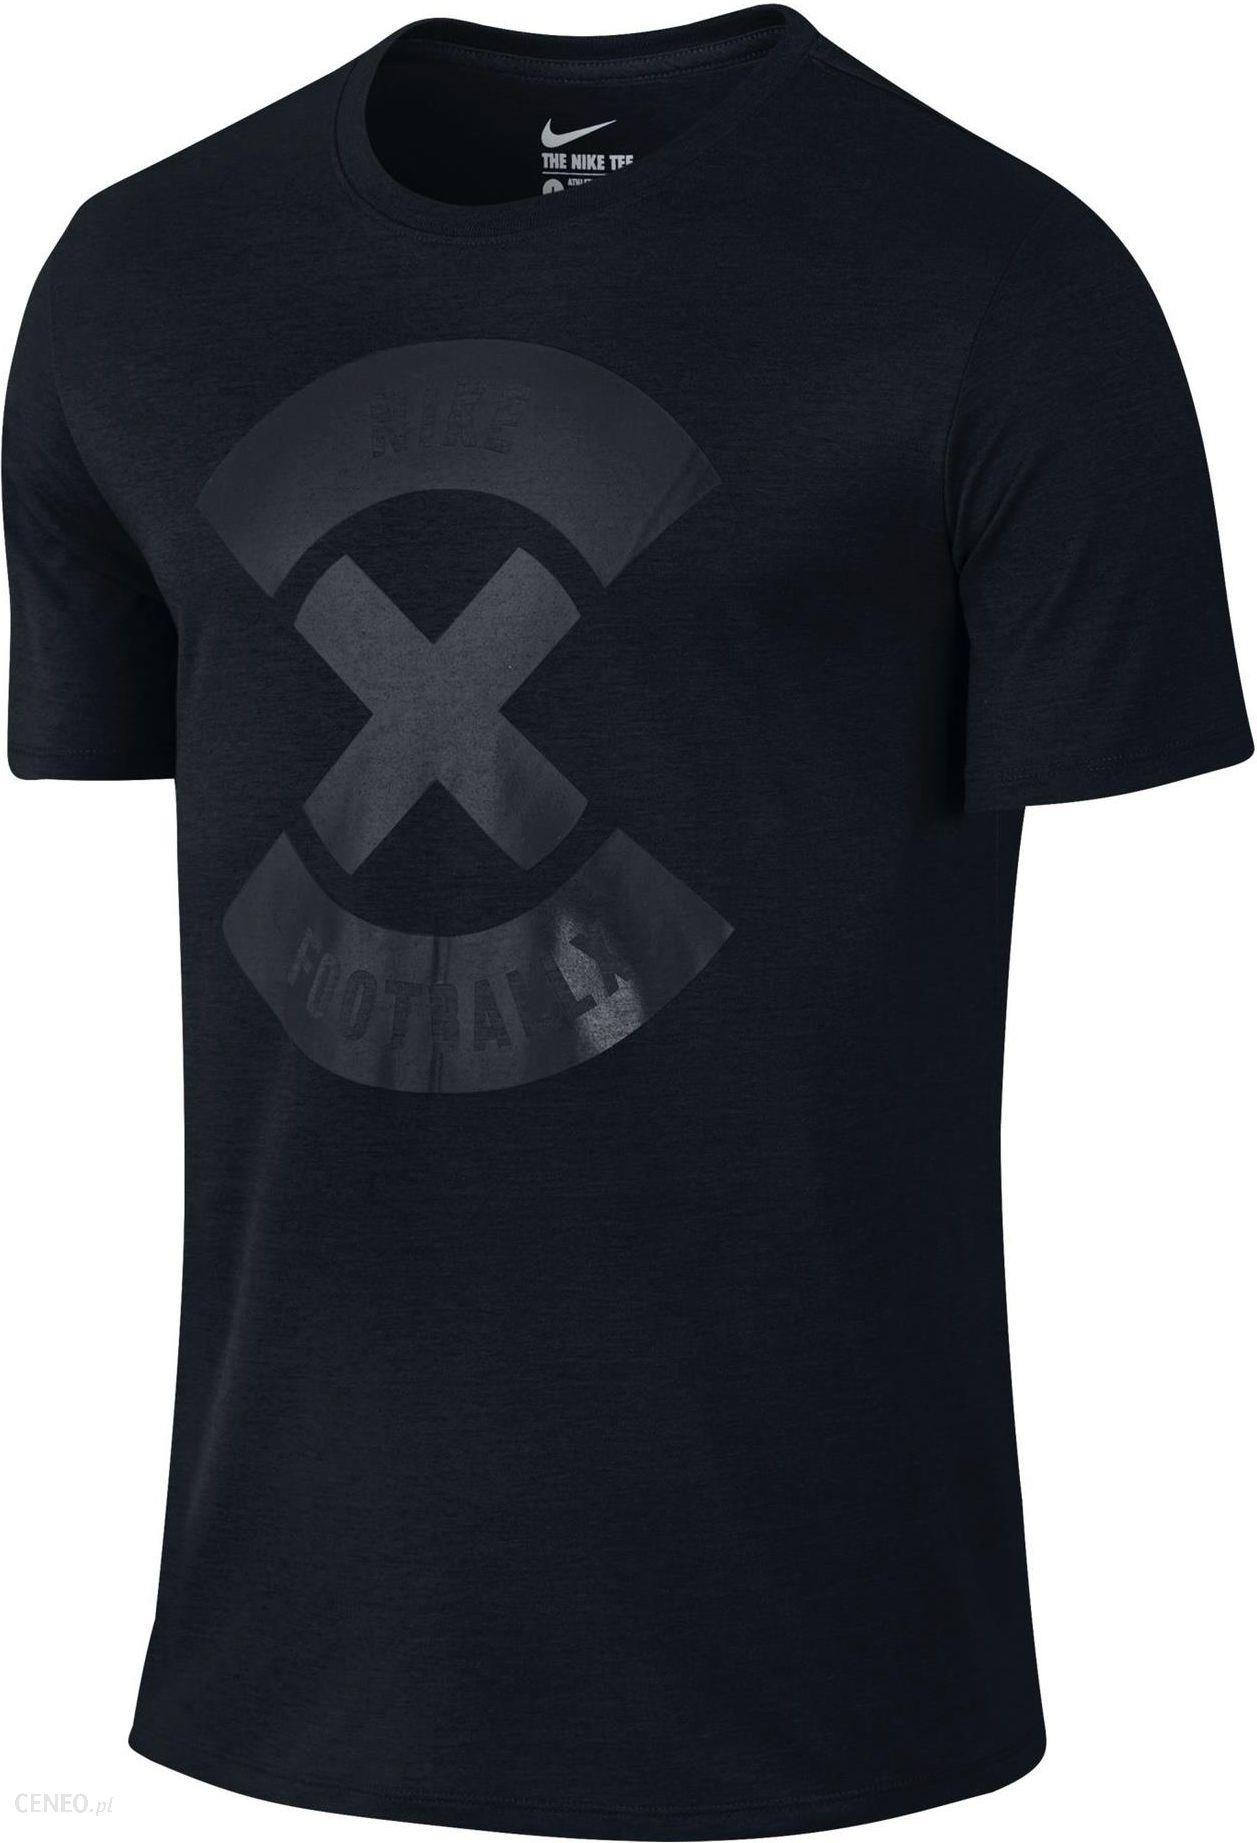 Koszulka Męska Nike Football X Logo Tee M